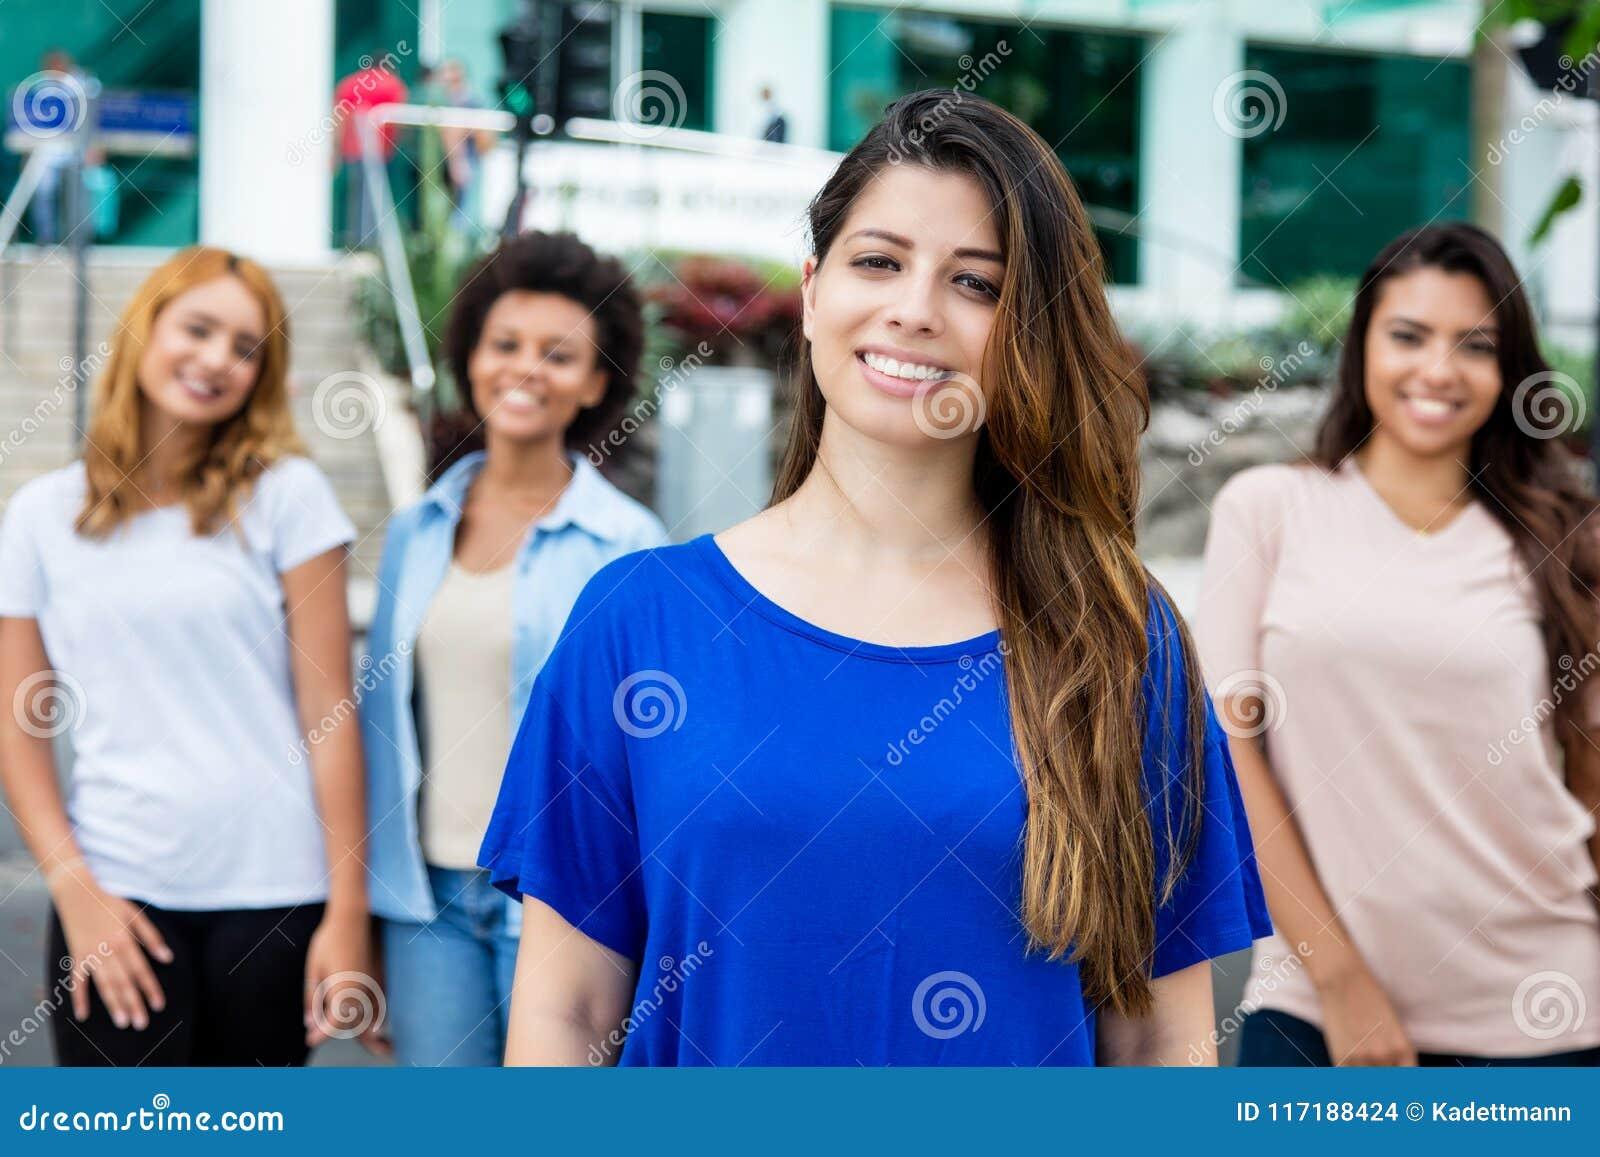 Hispanische Frau mit Latein und hispanische und afrikanische Mädchen